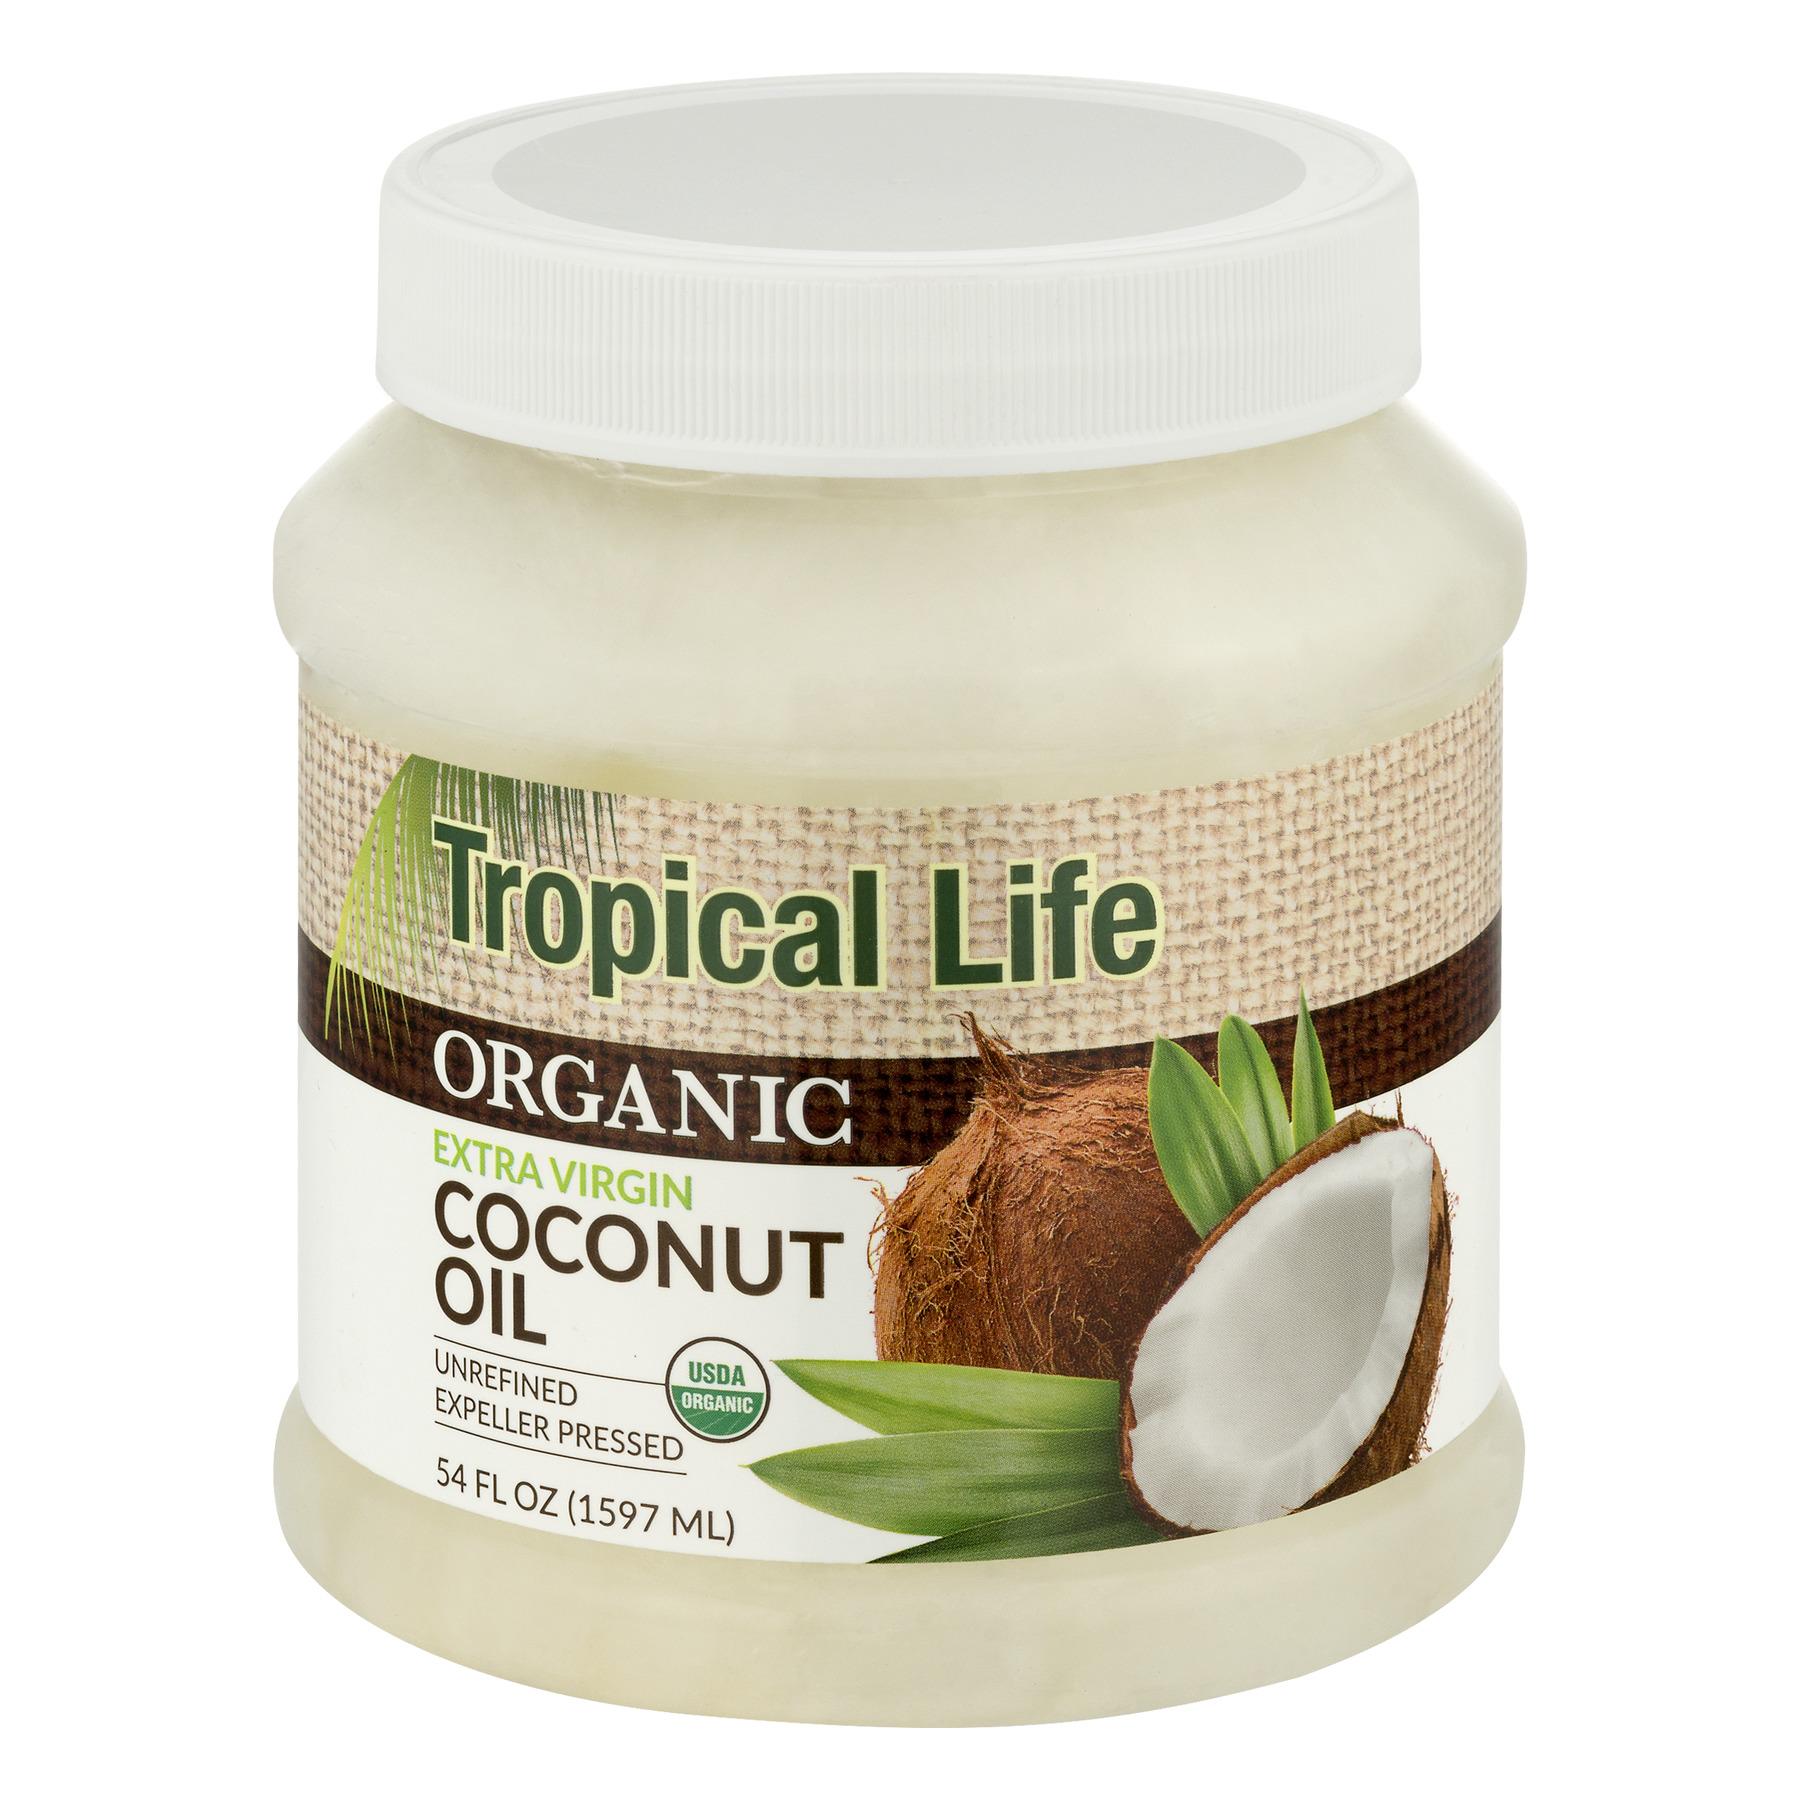 Carrington Farms Tropical Life Organic Extra Virgin Coconut Oil, 54.0 FL OZ